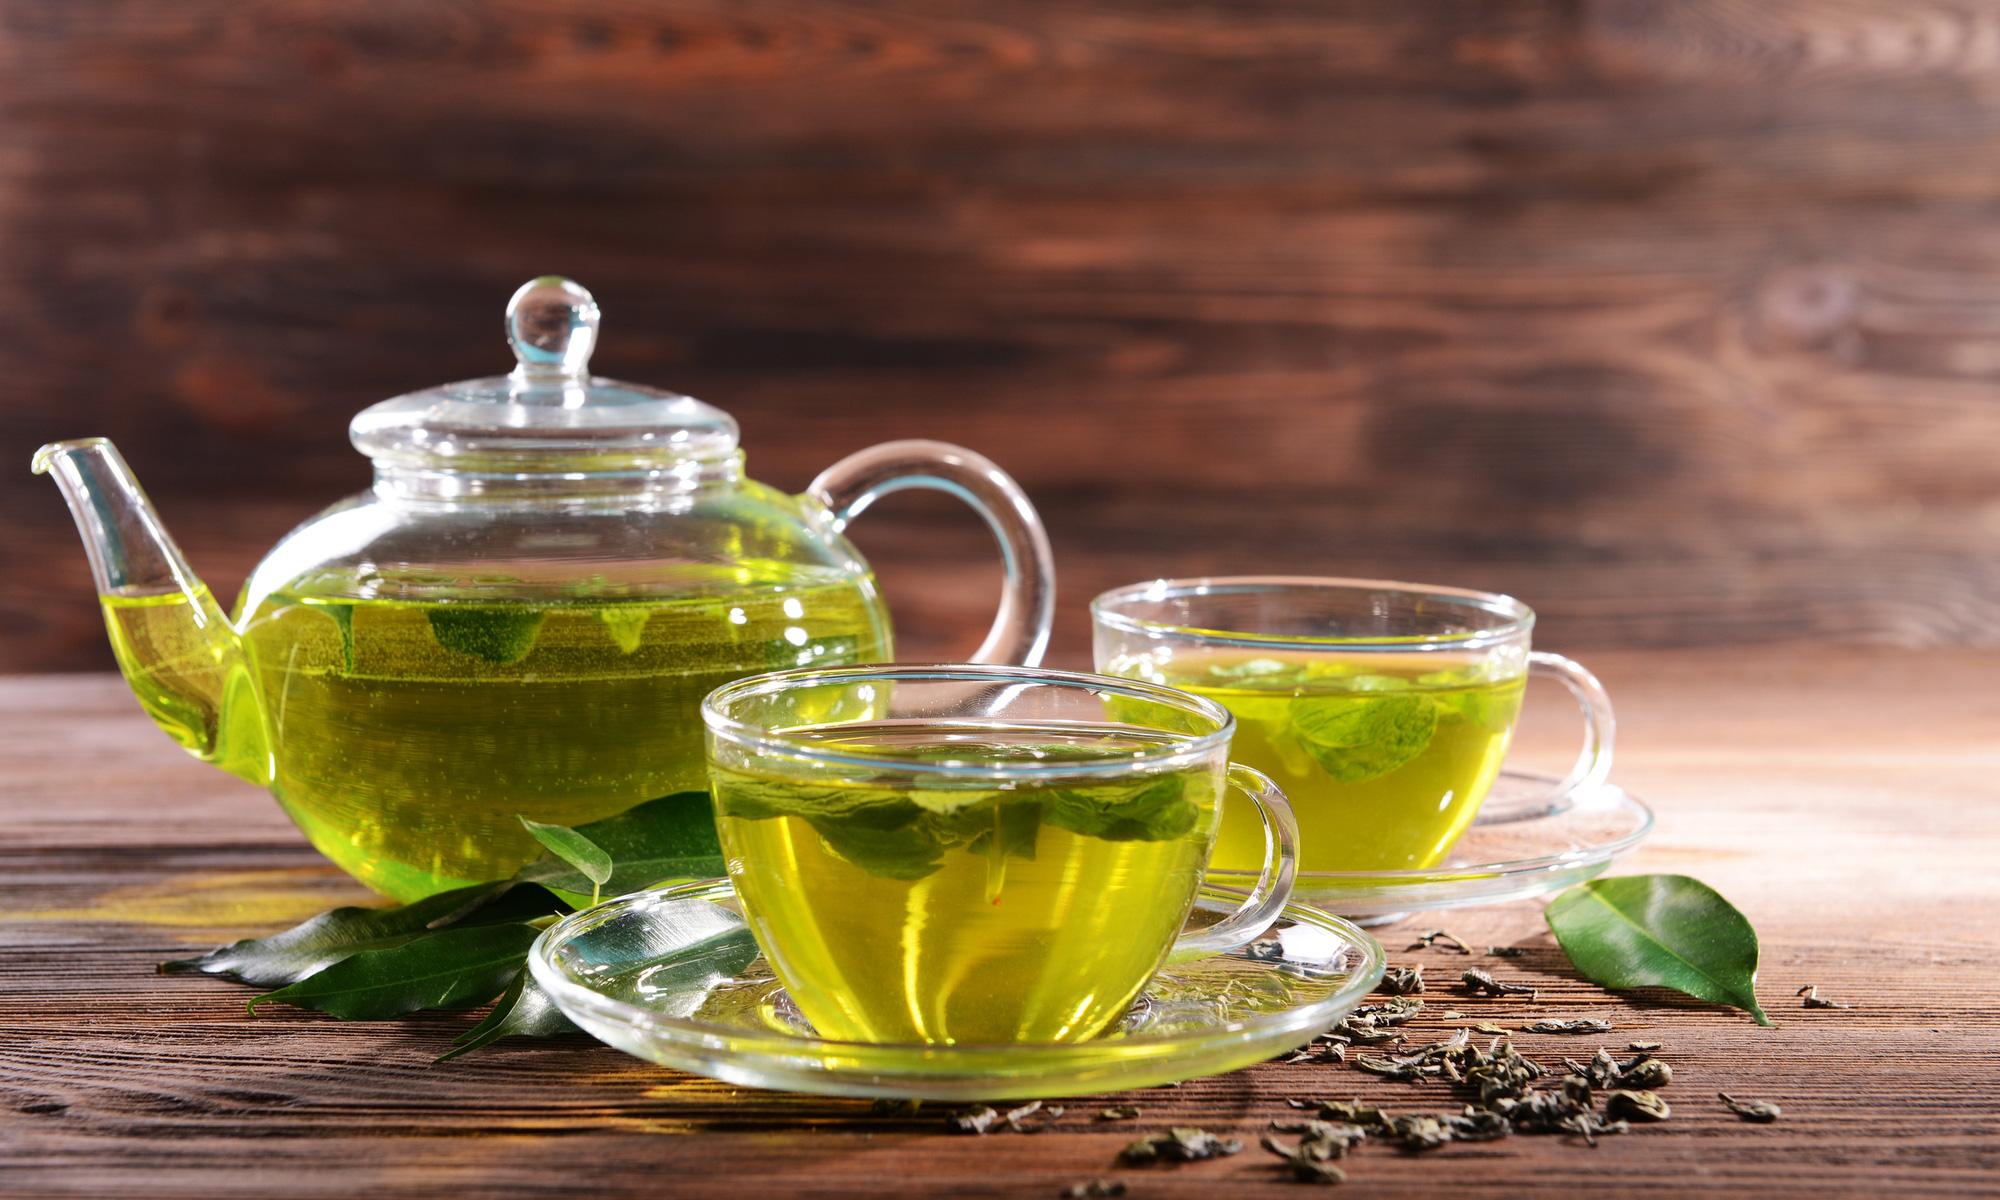 Mơ thấy tách trà